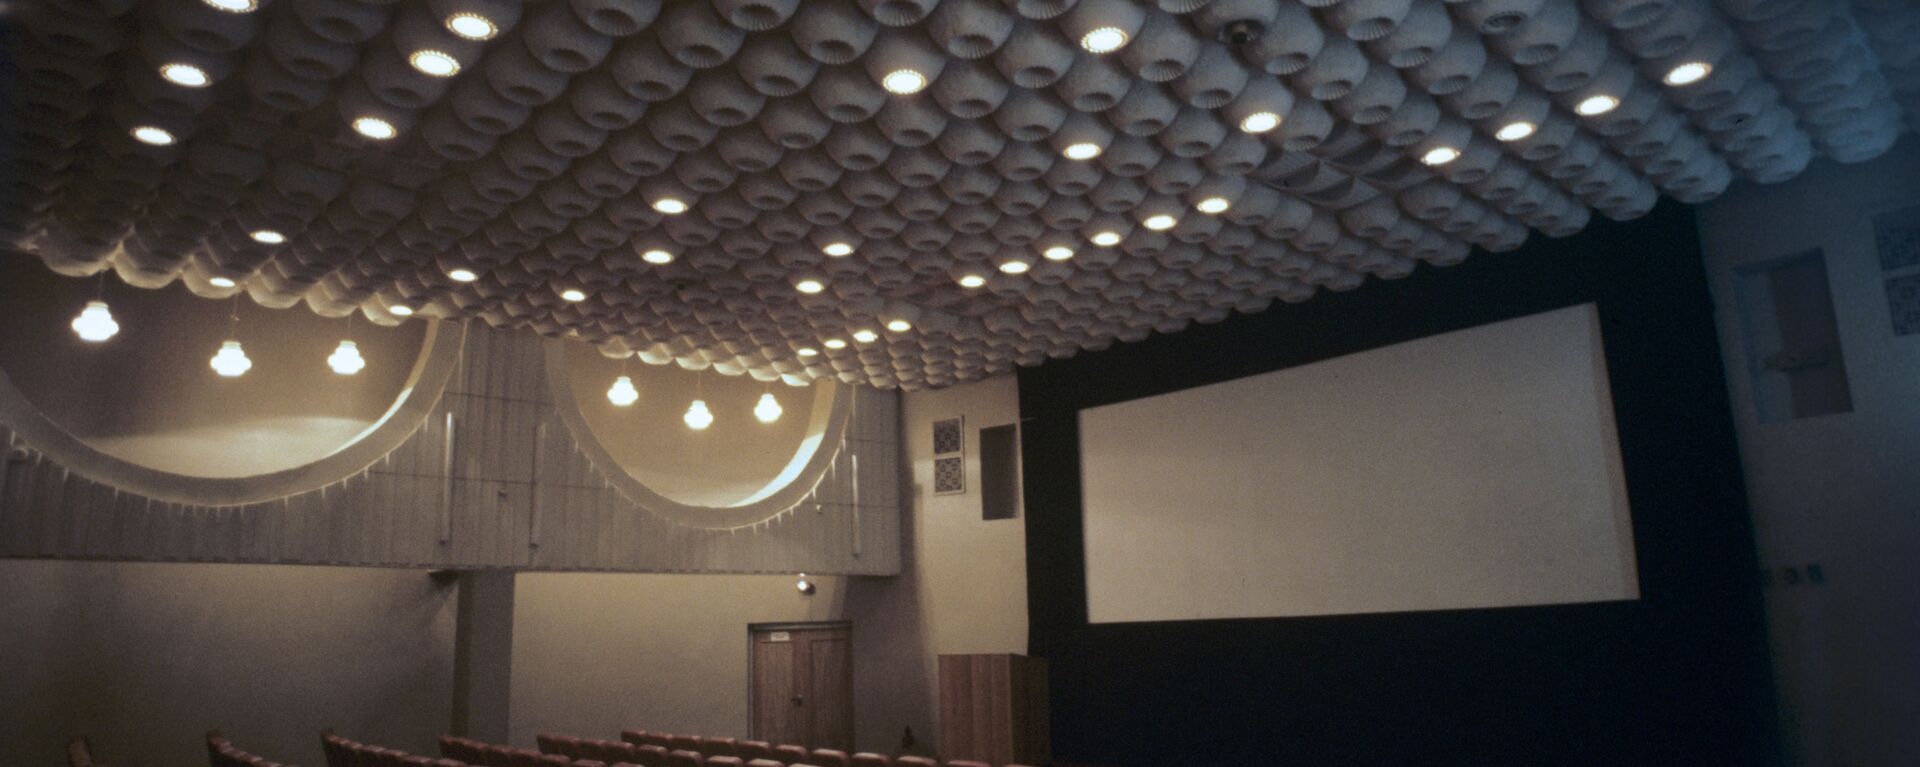 Зрительный зал в ташкентском Доме кино. - Sputnik Узбекистан, 1920, 23.03.2021